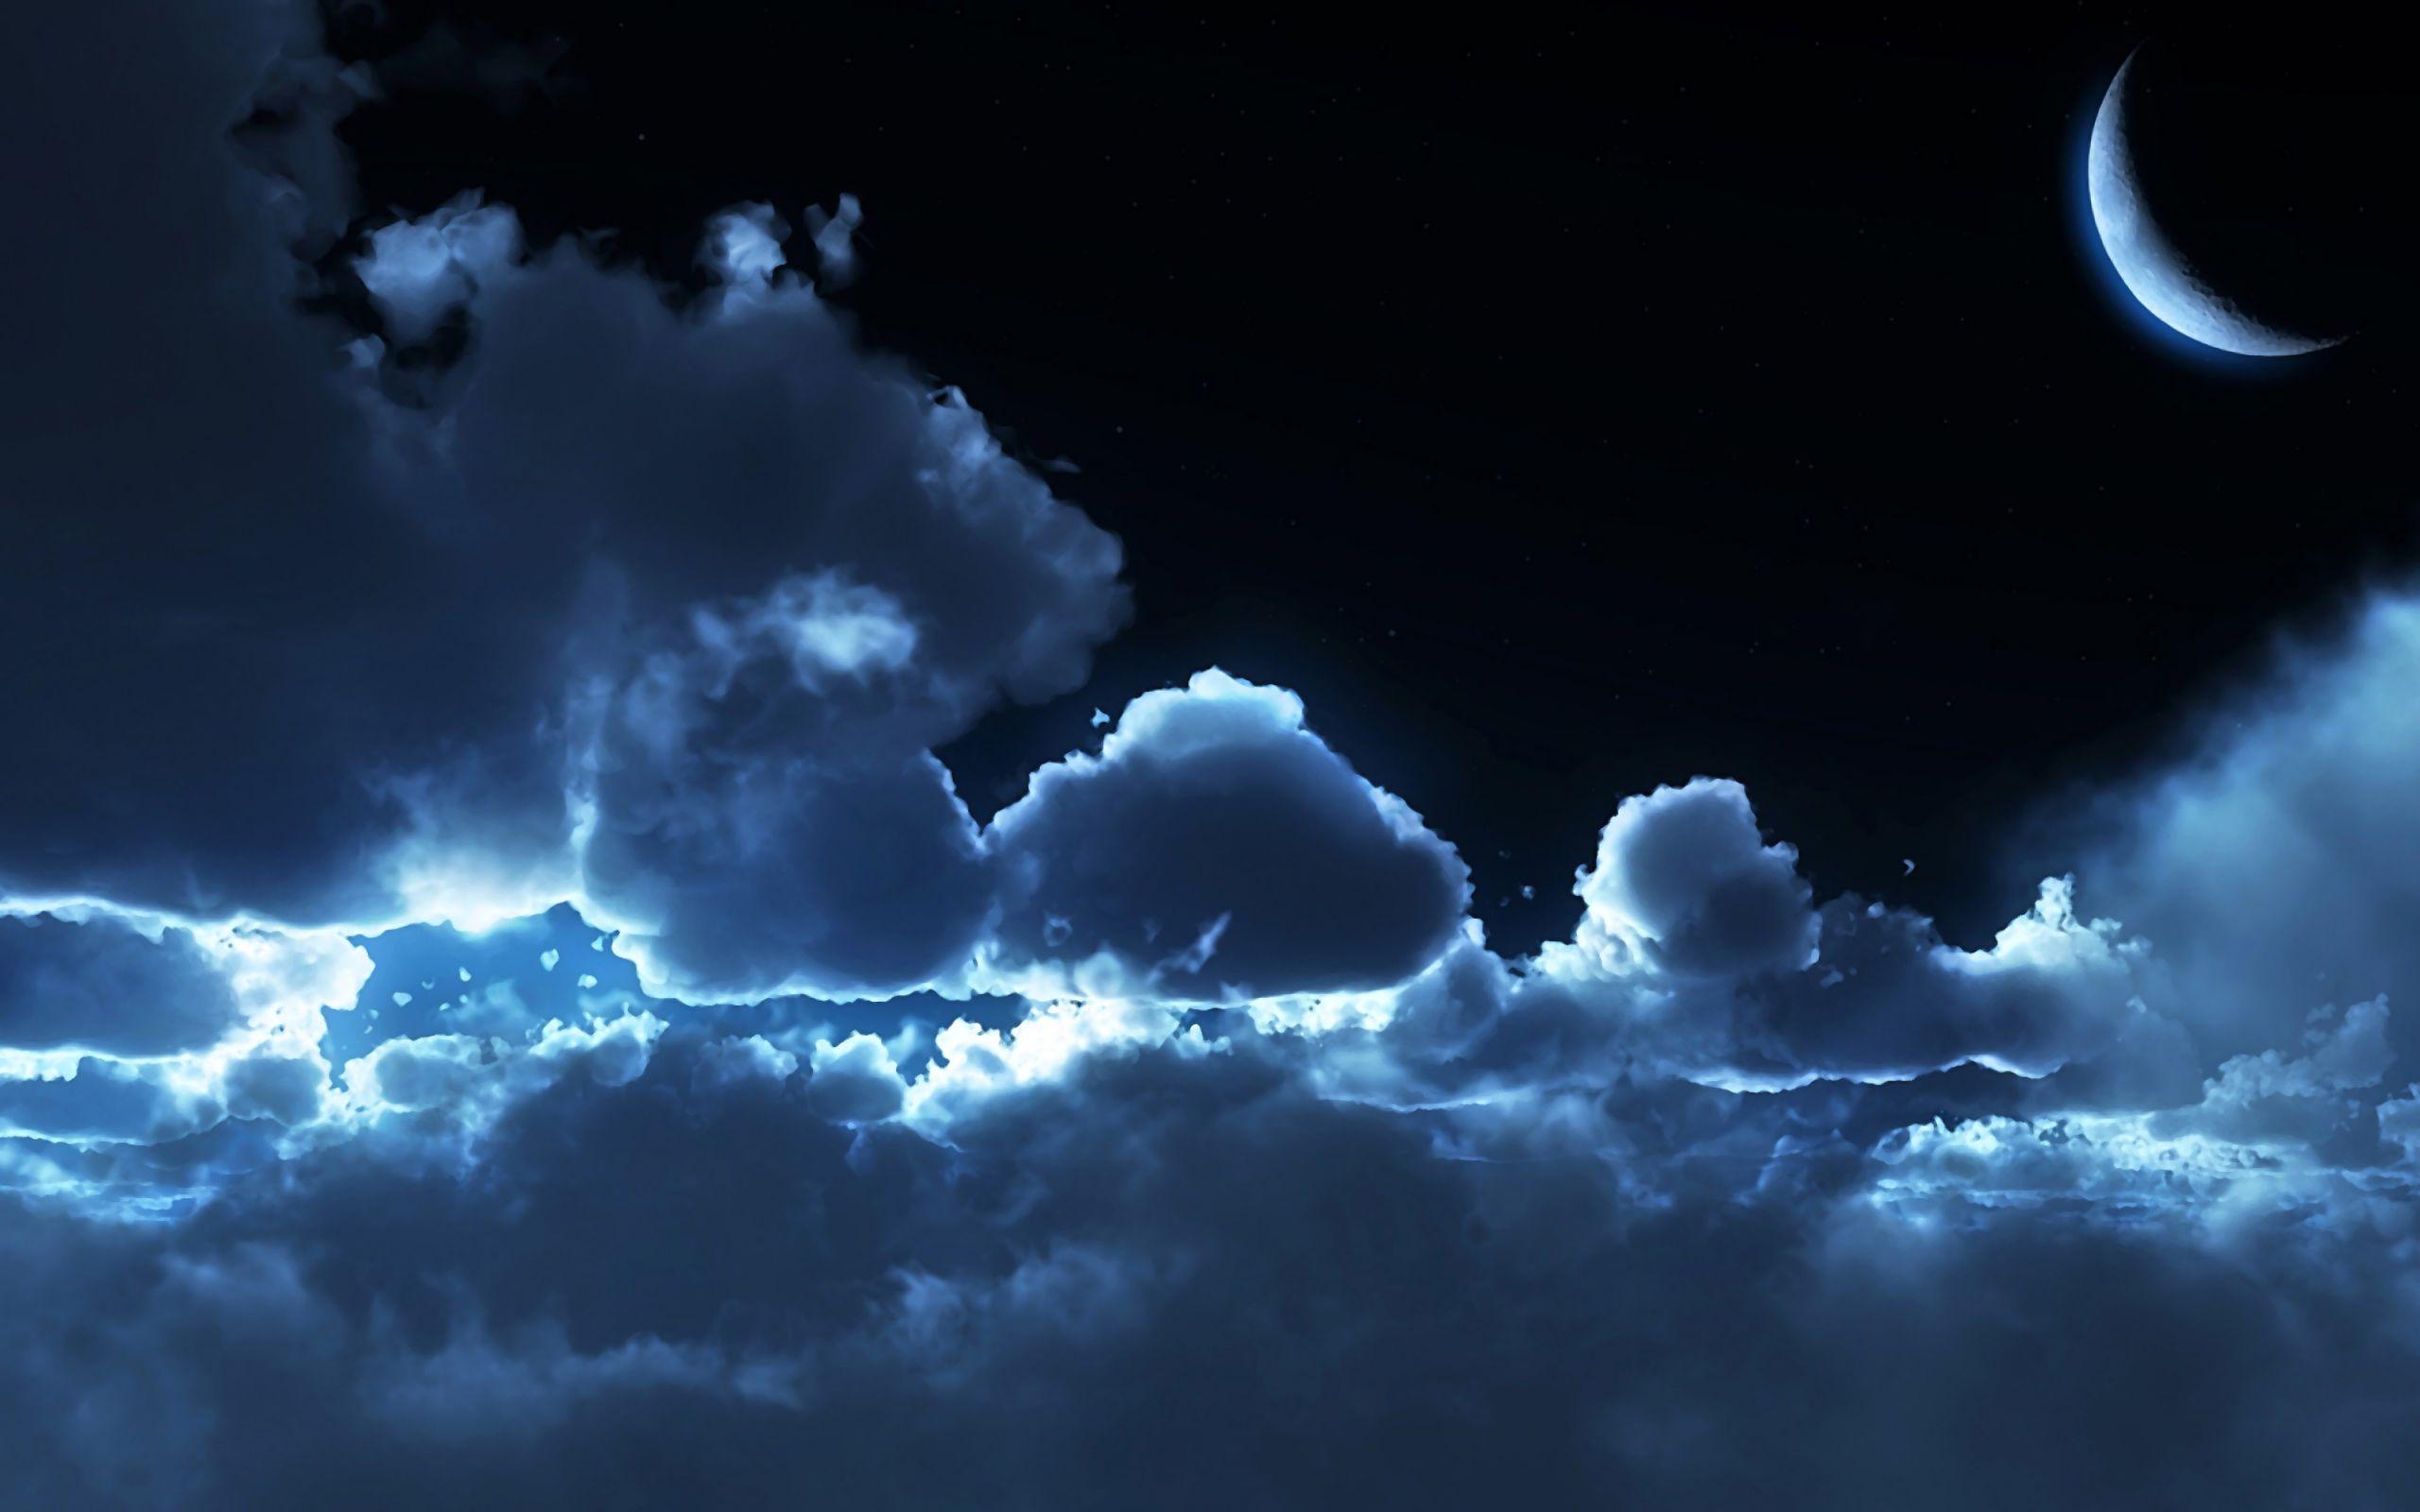 Night Cloud Wallpaper HD Night clouds, Clouds, Cloud